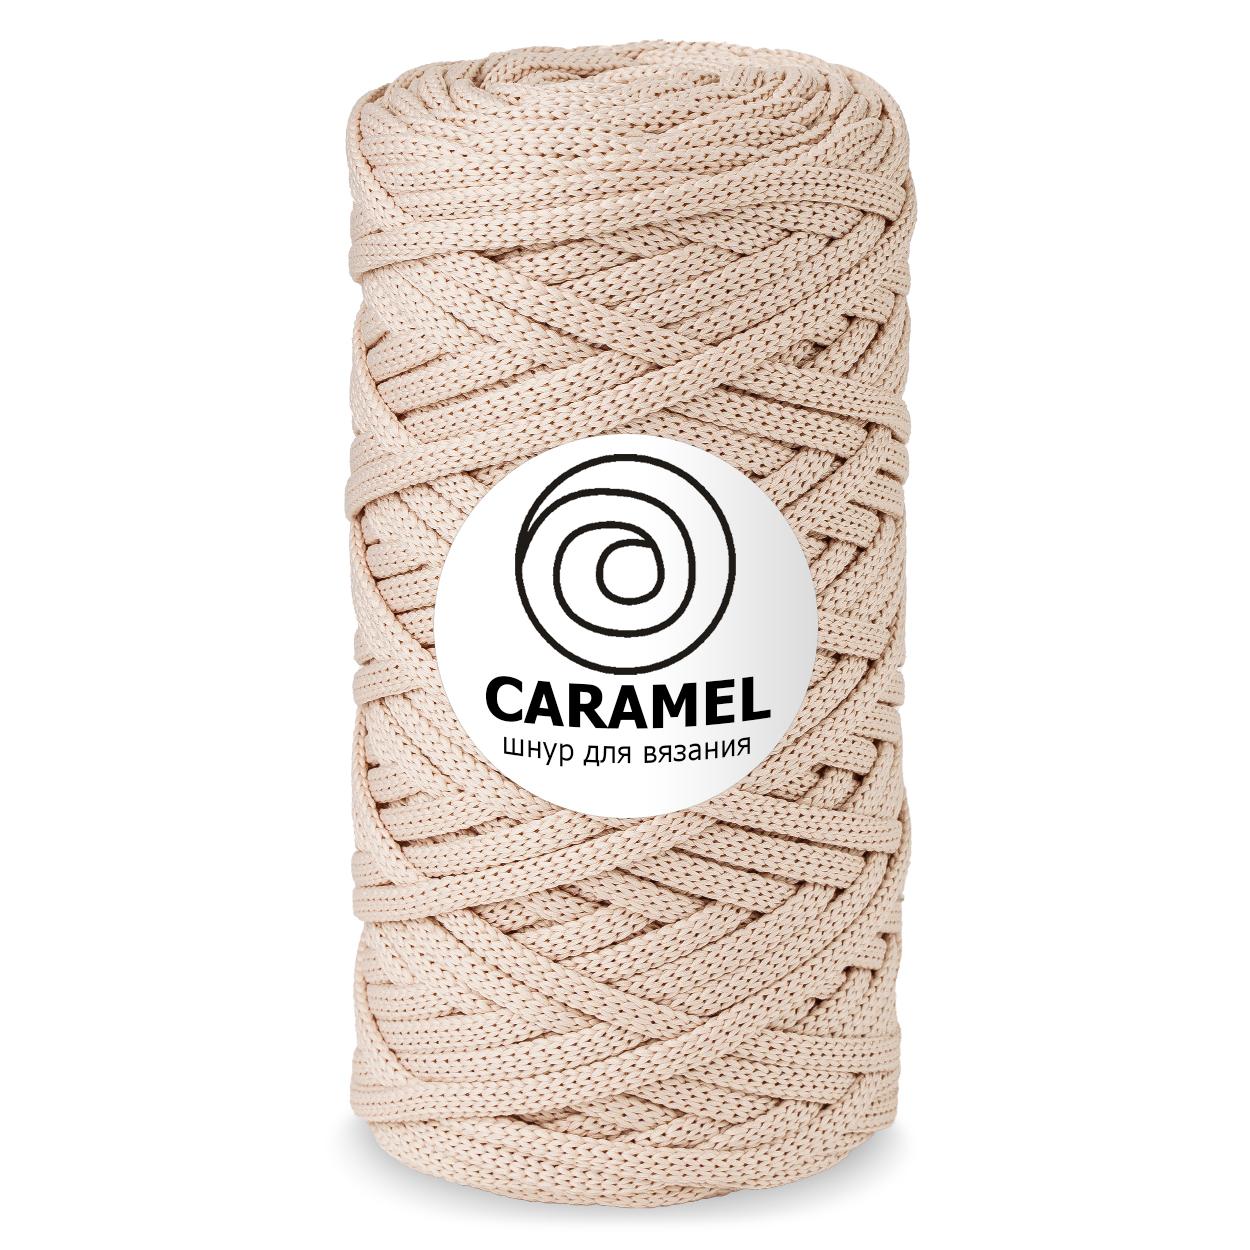 Caramel Айвори